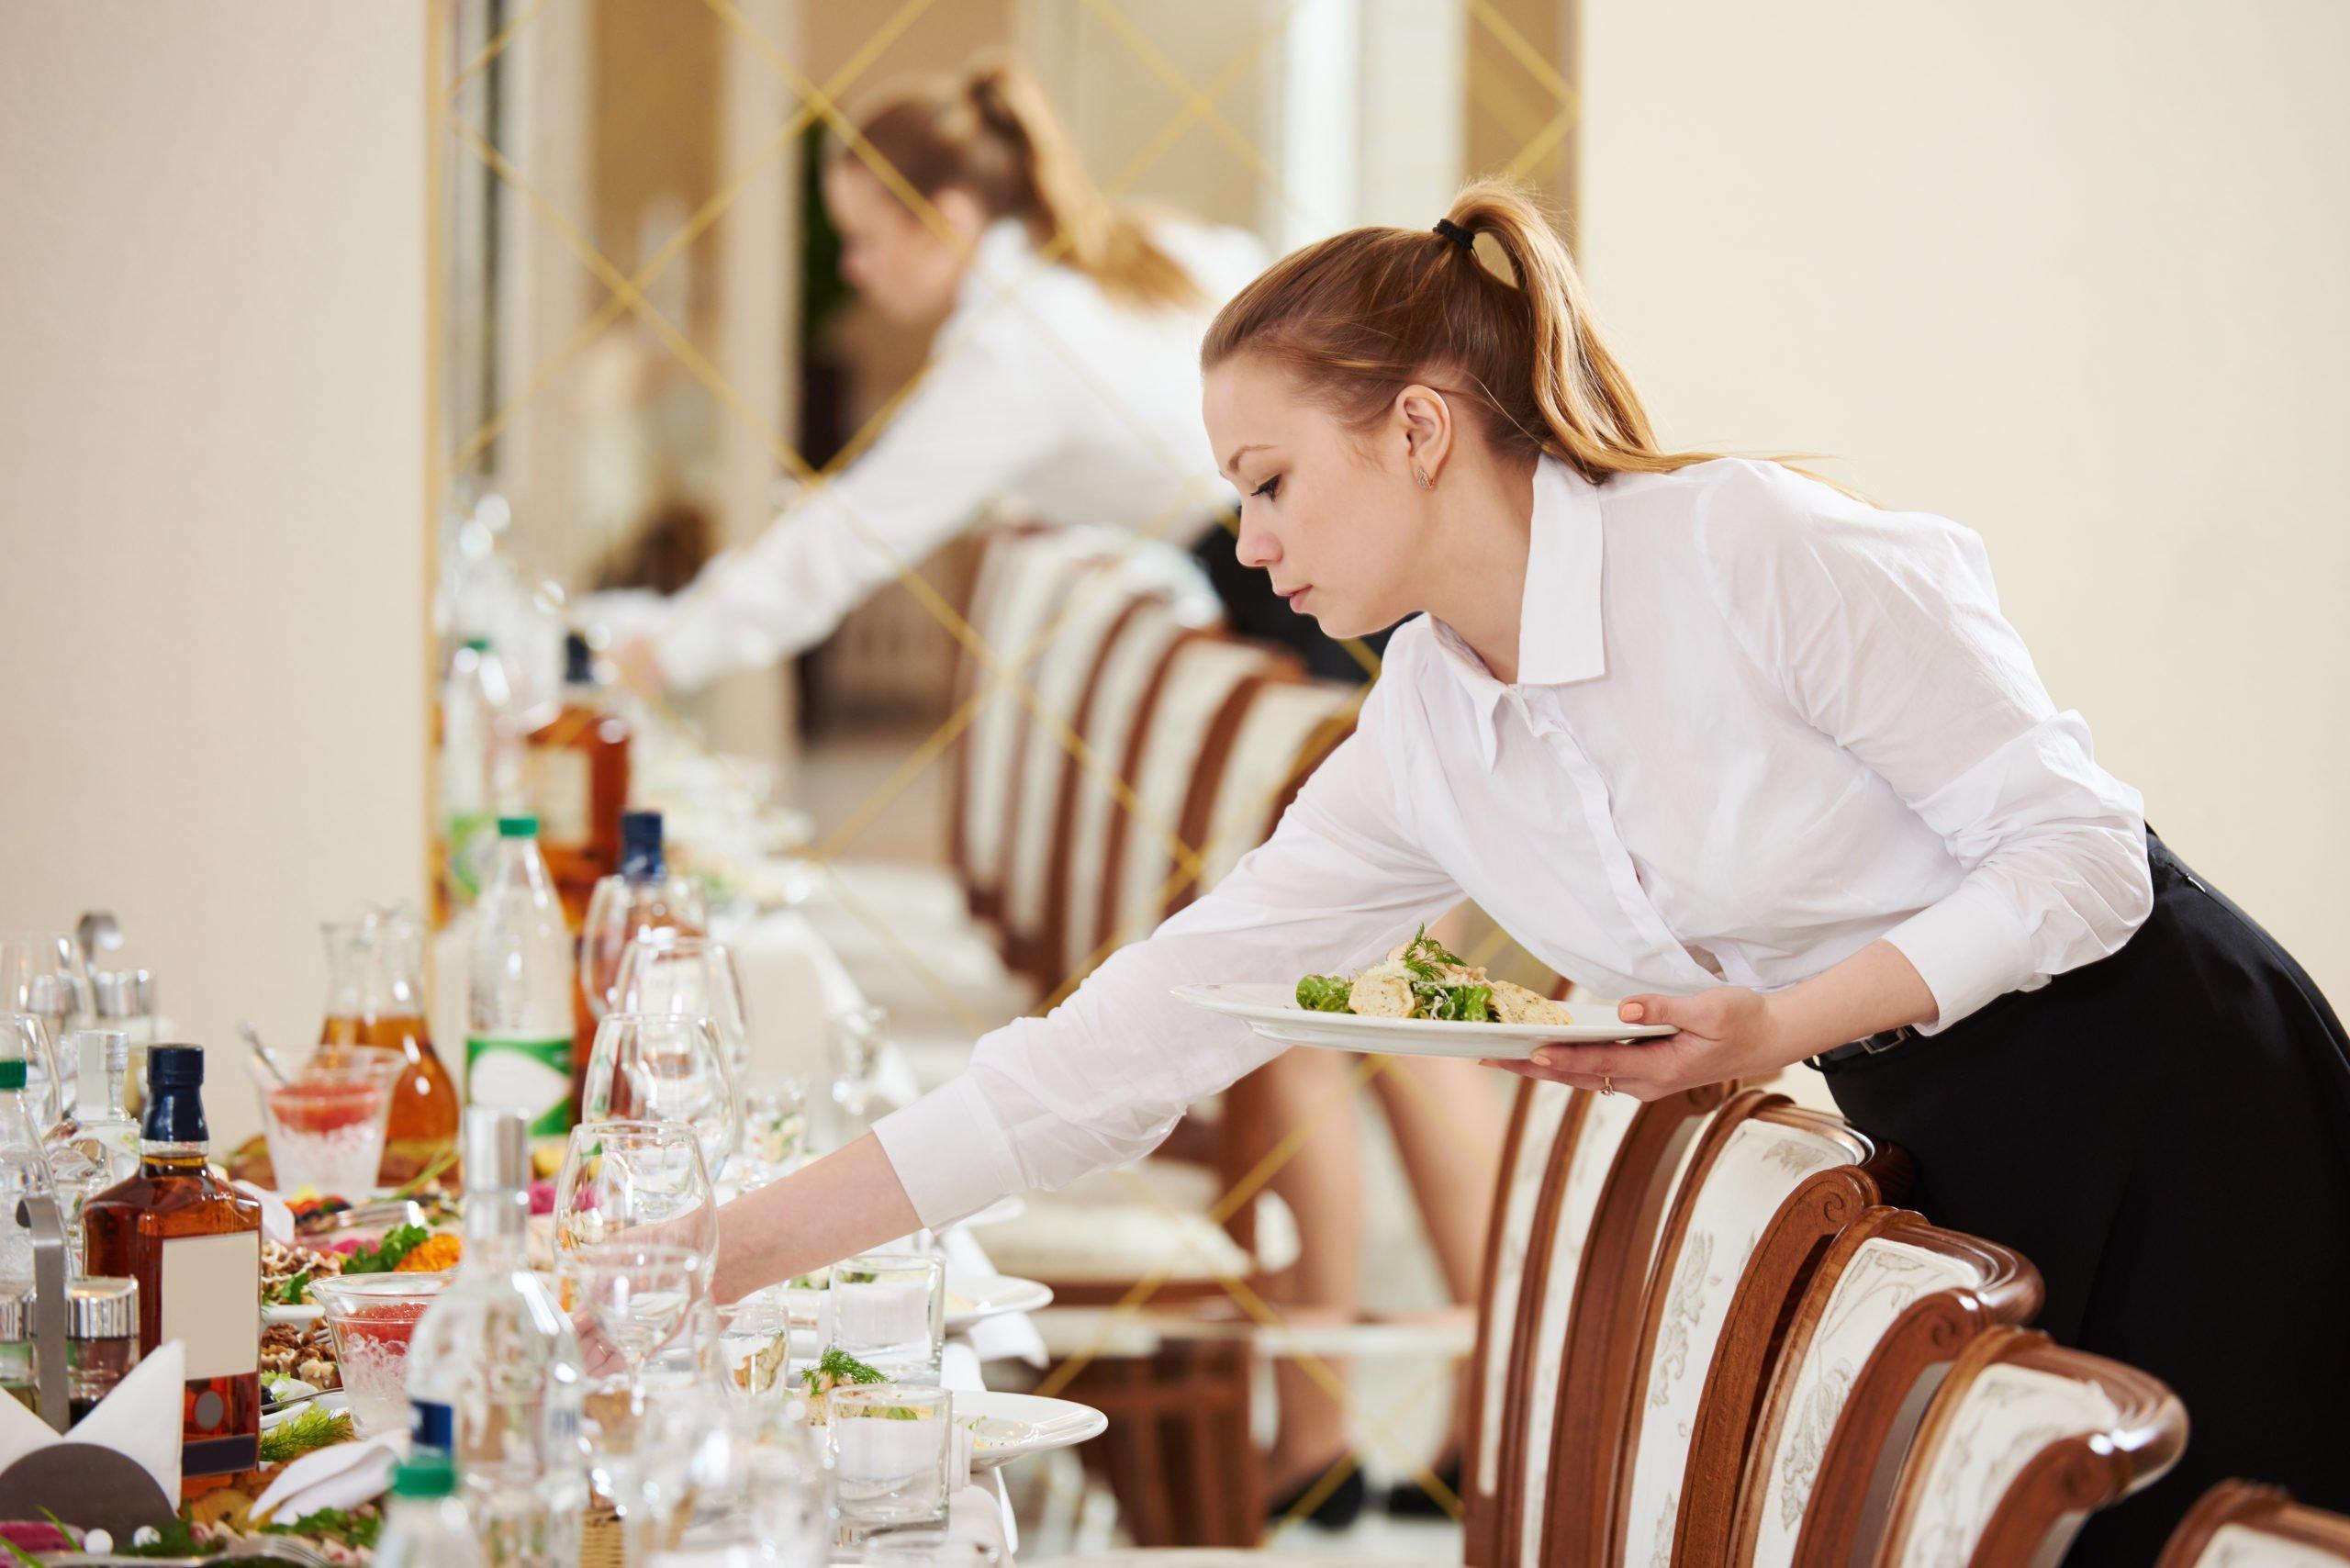 Unterschied Hotelkauffrau und Hotelfachfrau – was soll ich werden?